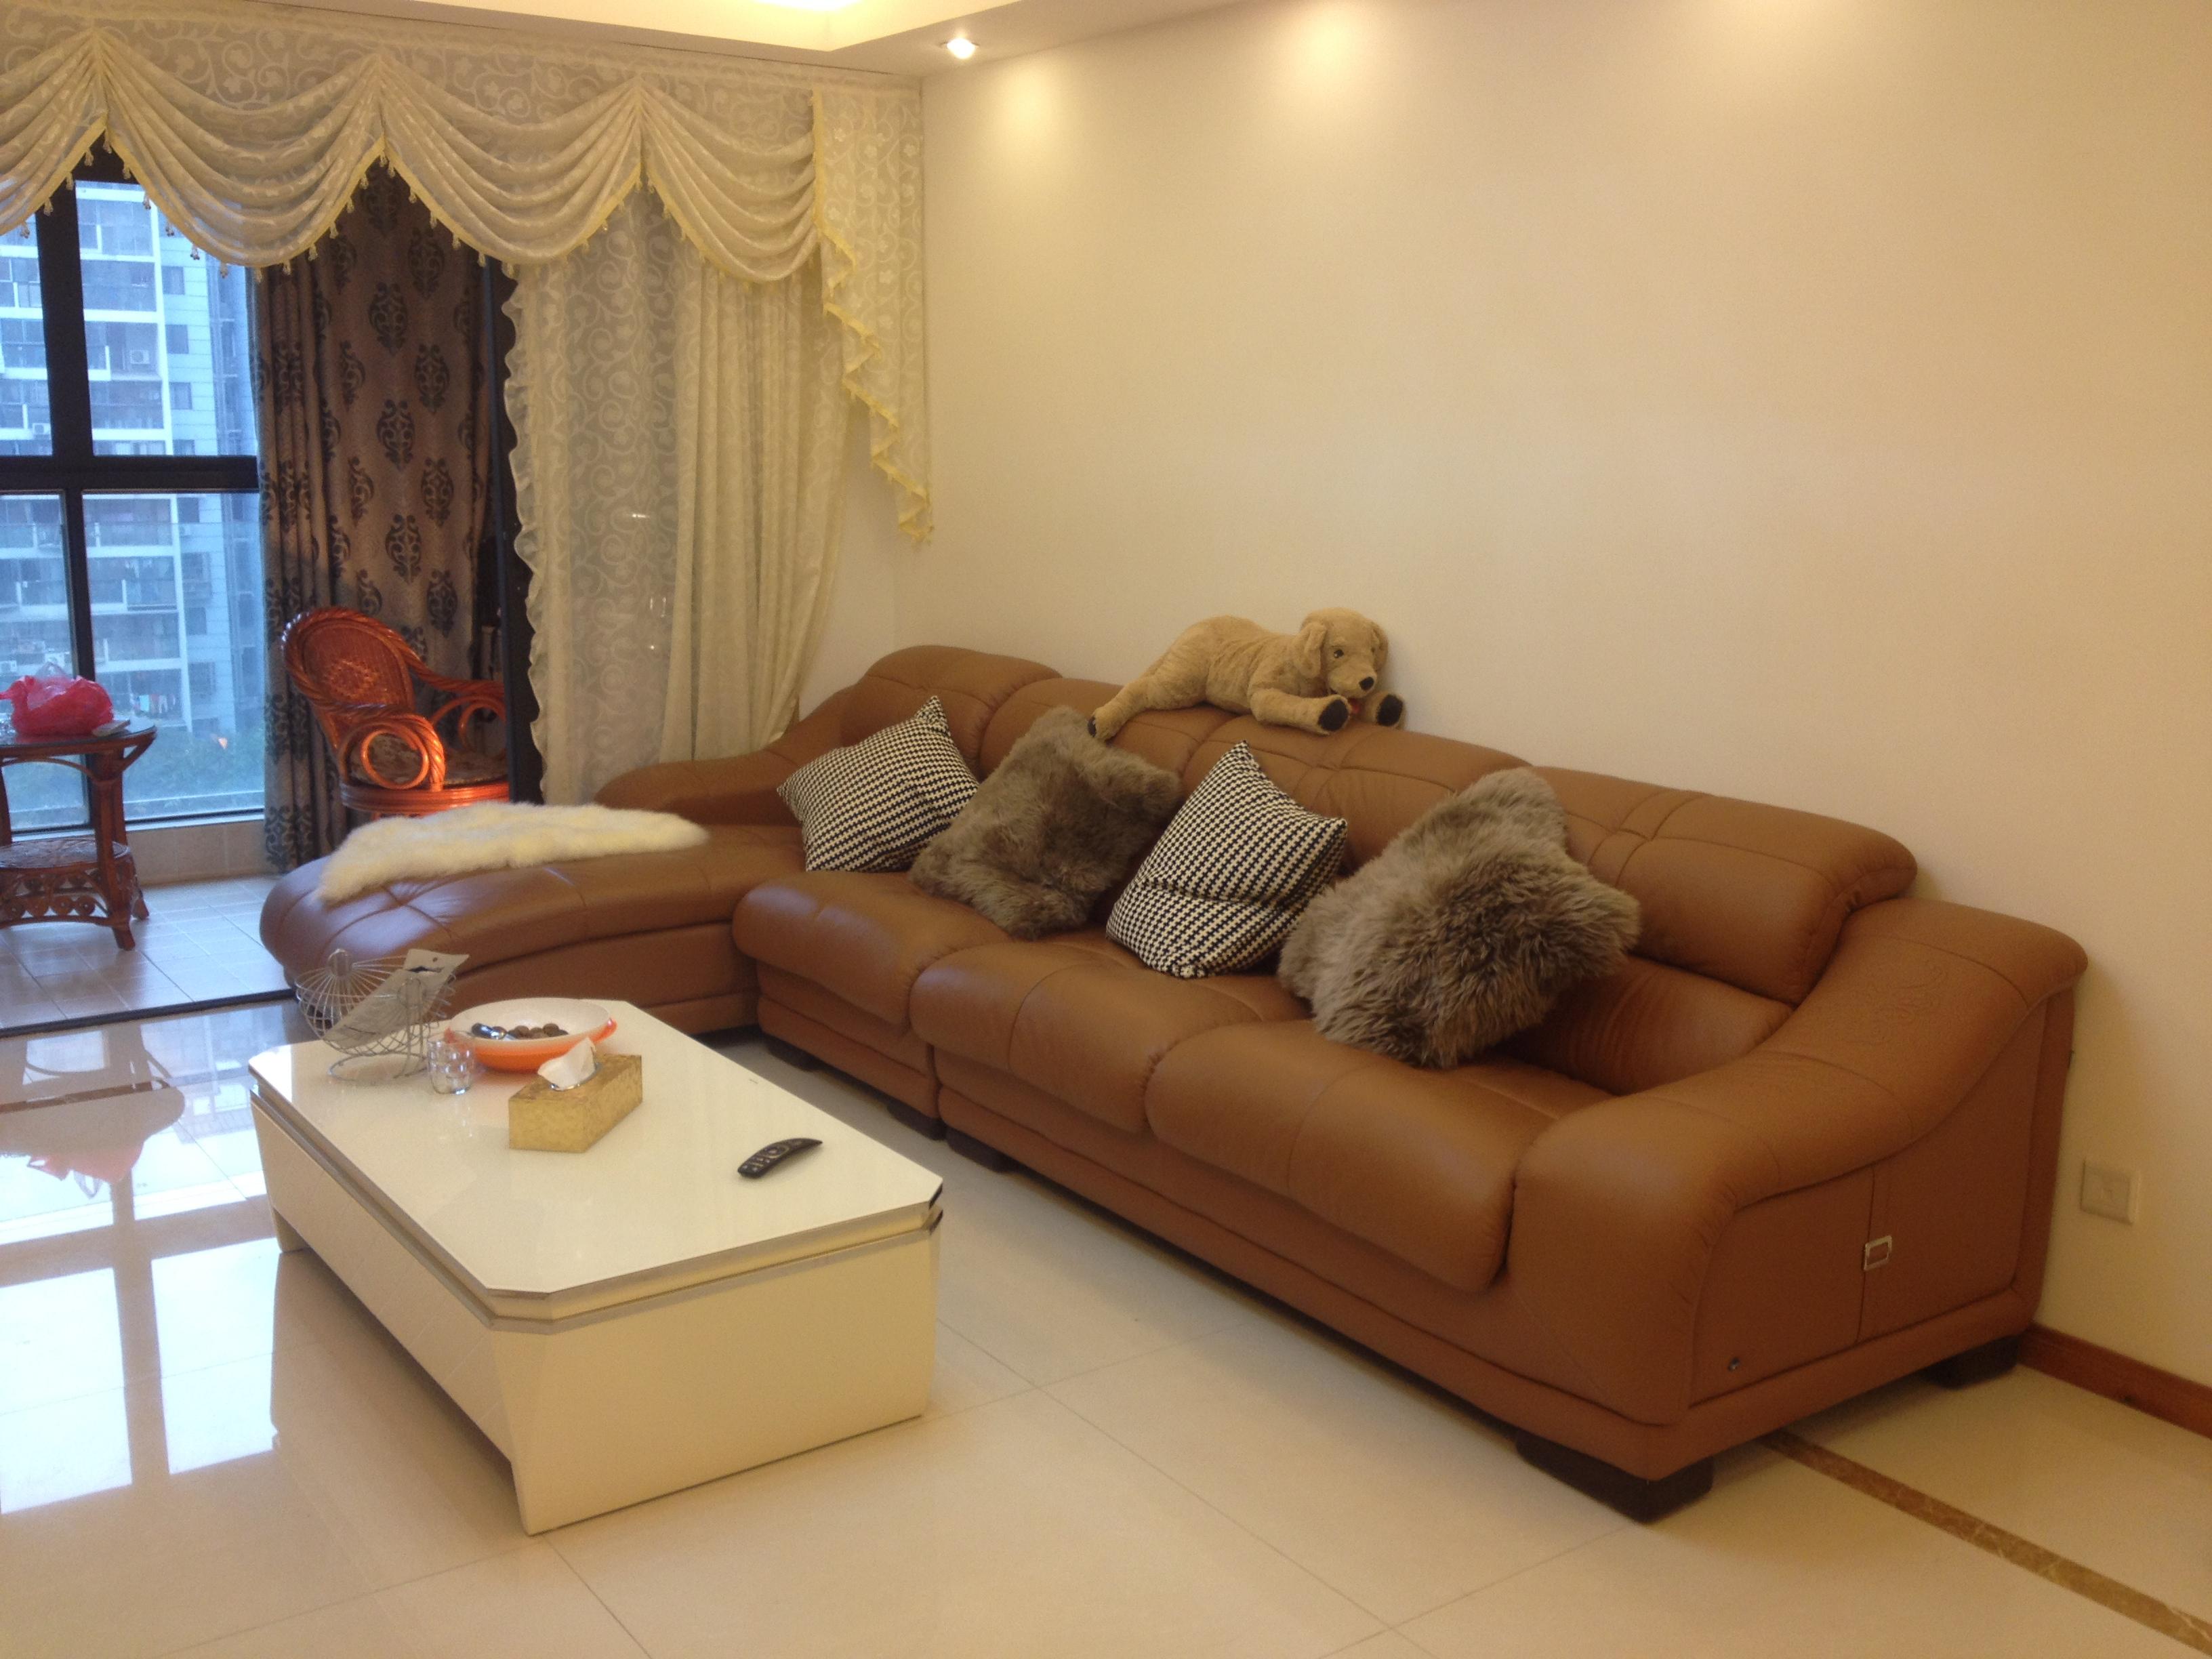 好用的室内装修设计软件-求好用的家居装修设计软件